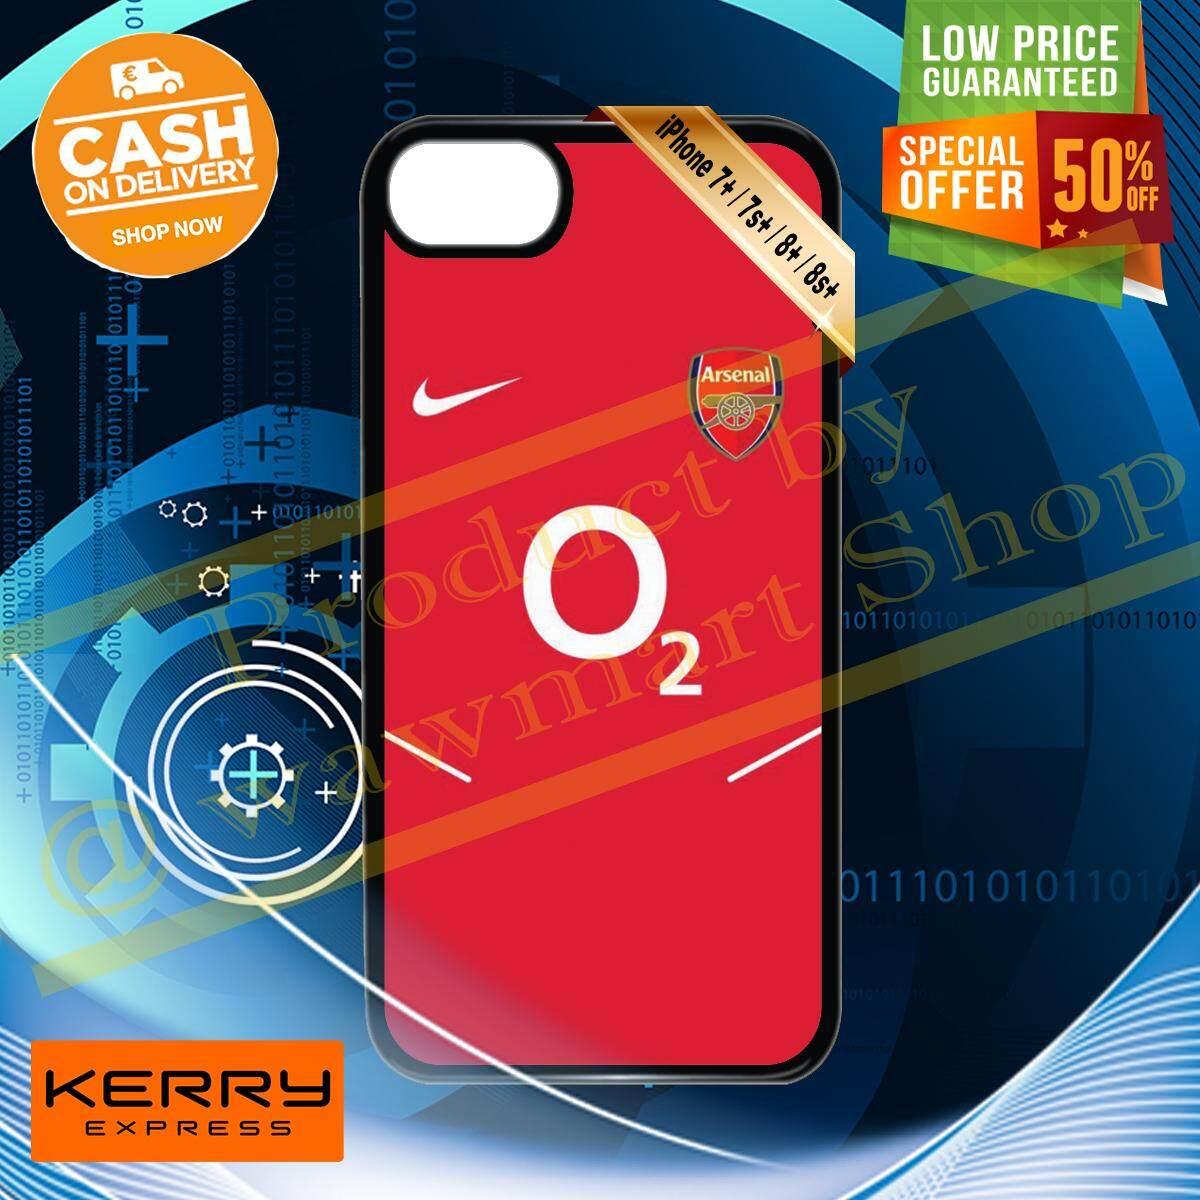 (เตรียมส่งใน 1-3 วันทำการ) ร้าน ขาย เคส มือ ถือ สำหรับ I Phone 7 / 7 Plus / 8 / 8 Plus / 7 พลัส / 8 พลัส Custom Diy Design Black A1 Hd Print สกรีน พิมพ์ลาย ทีม Arsenal Football Club ไอ้ปืนใหญ่ พรีเมียร์ลีก วัสดุ ซิลิโคน Tpu แบบนิ่ม ราคาถูกมากก.